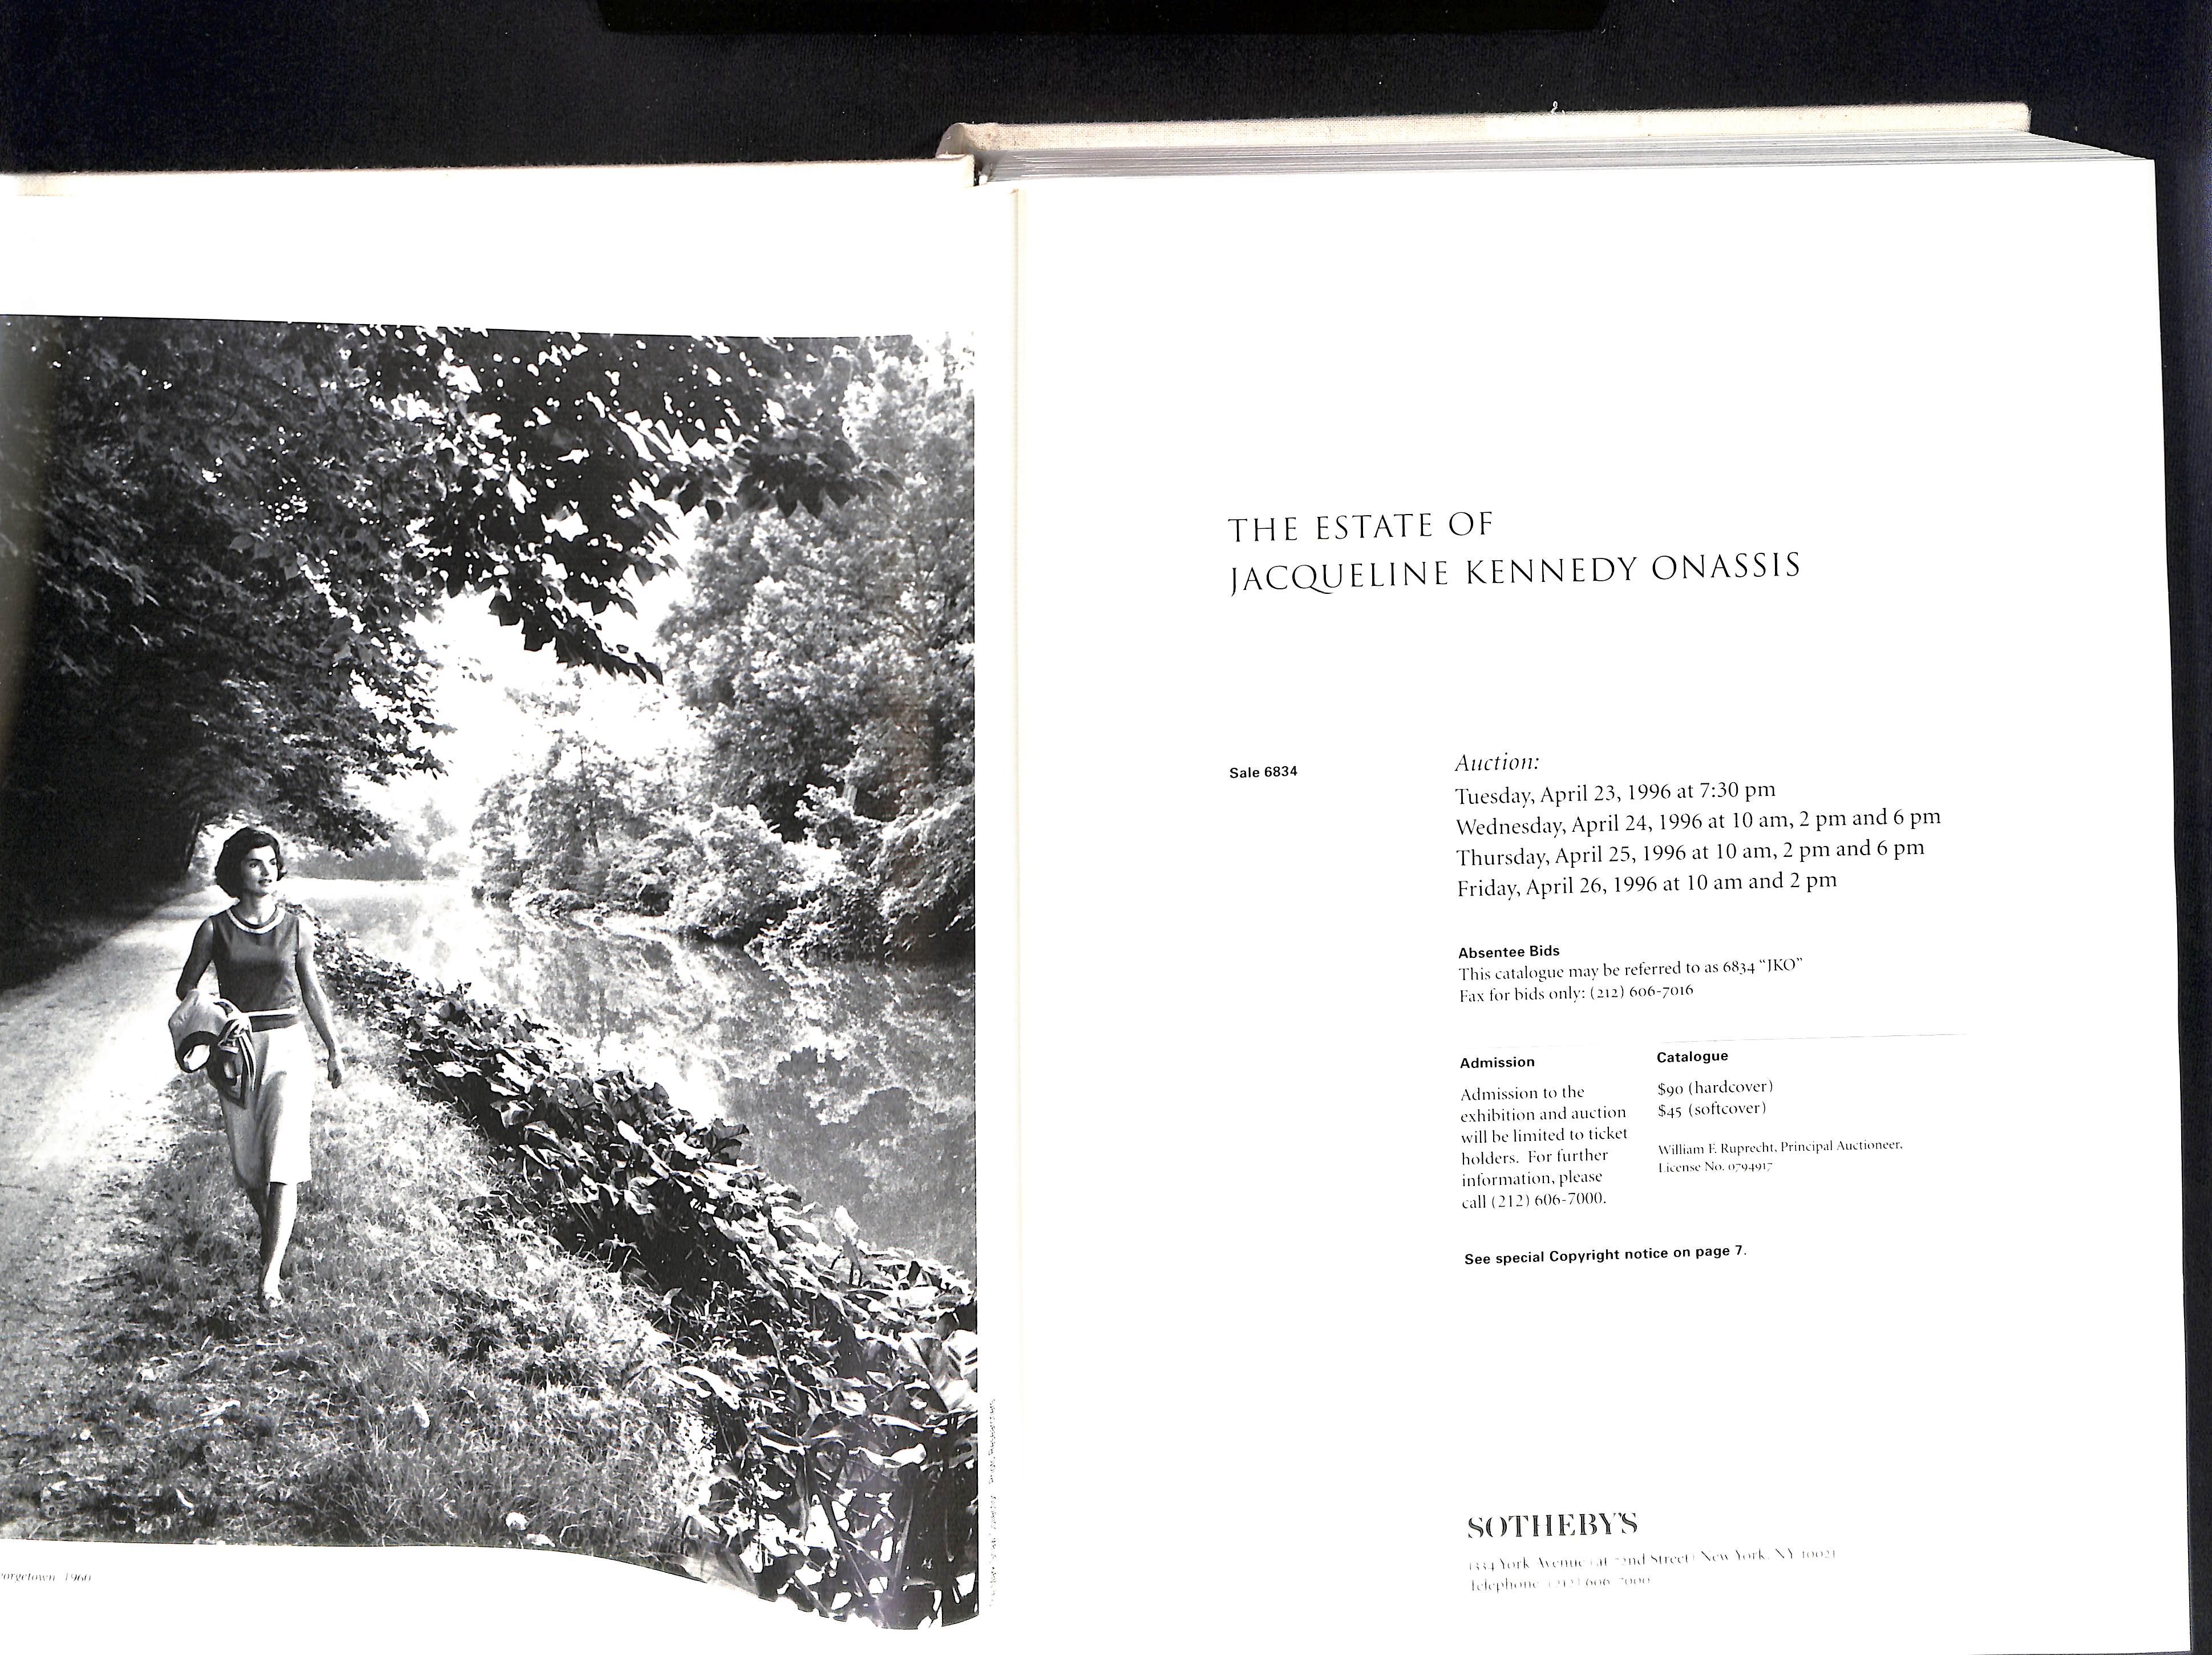 The Estate of Jacqueline Kennedy Onassis April 23-26 1996 Sothebys Hardback pages 584